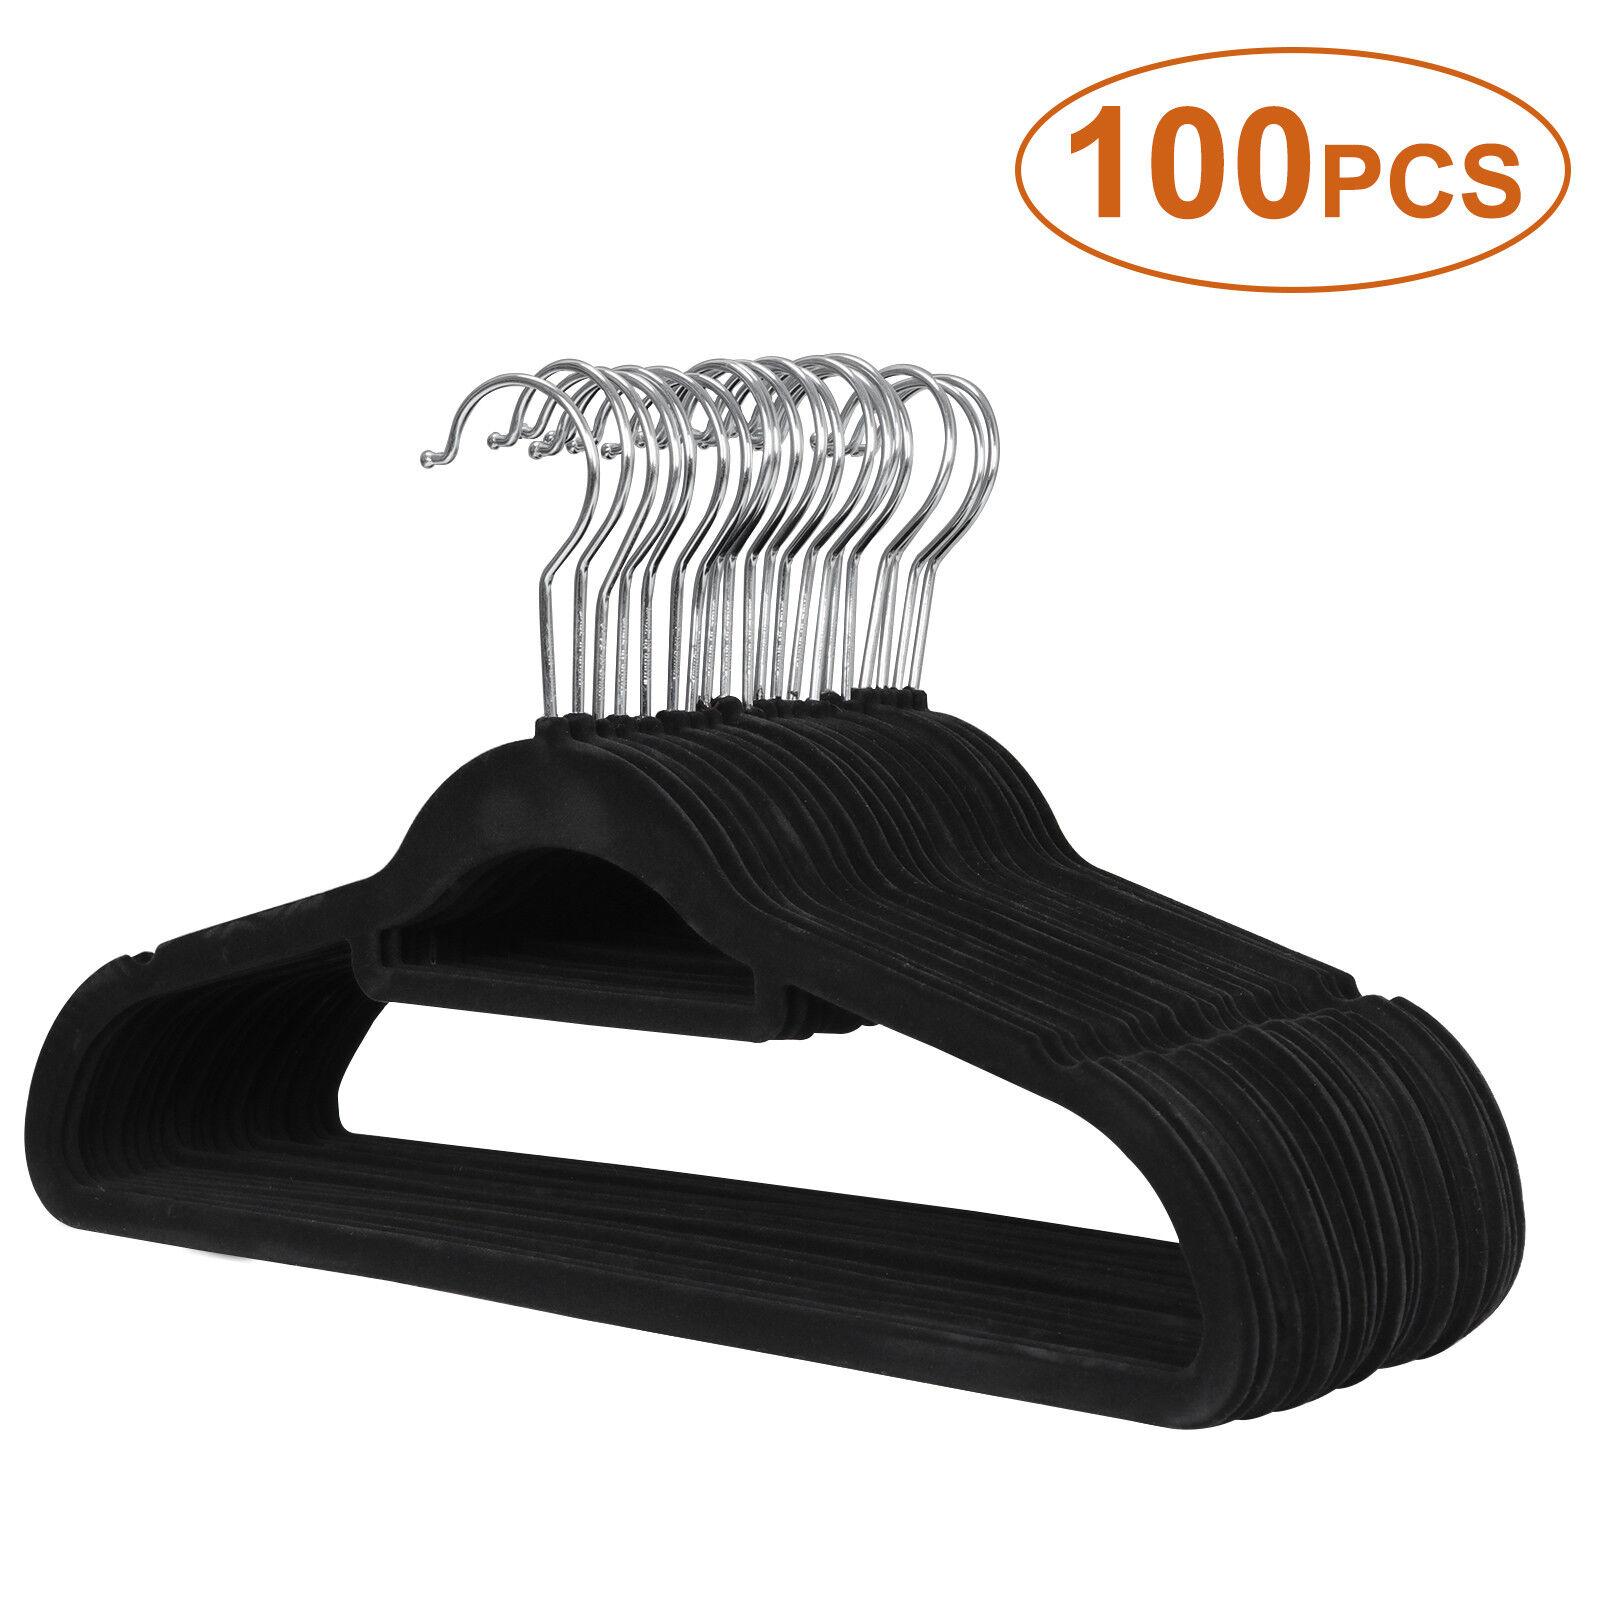 Premium Non-Slip Flocked Velvet Hangers 100Pack Clothes Hangers Suit Shirt Pants Clothes Hangers